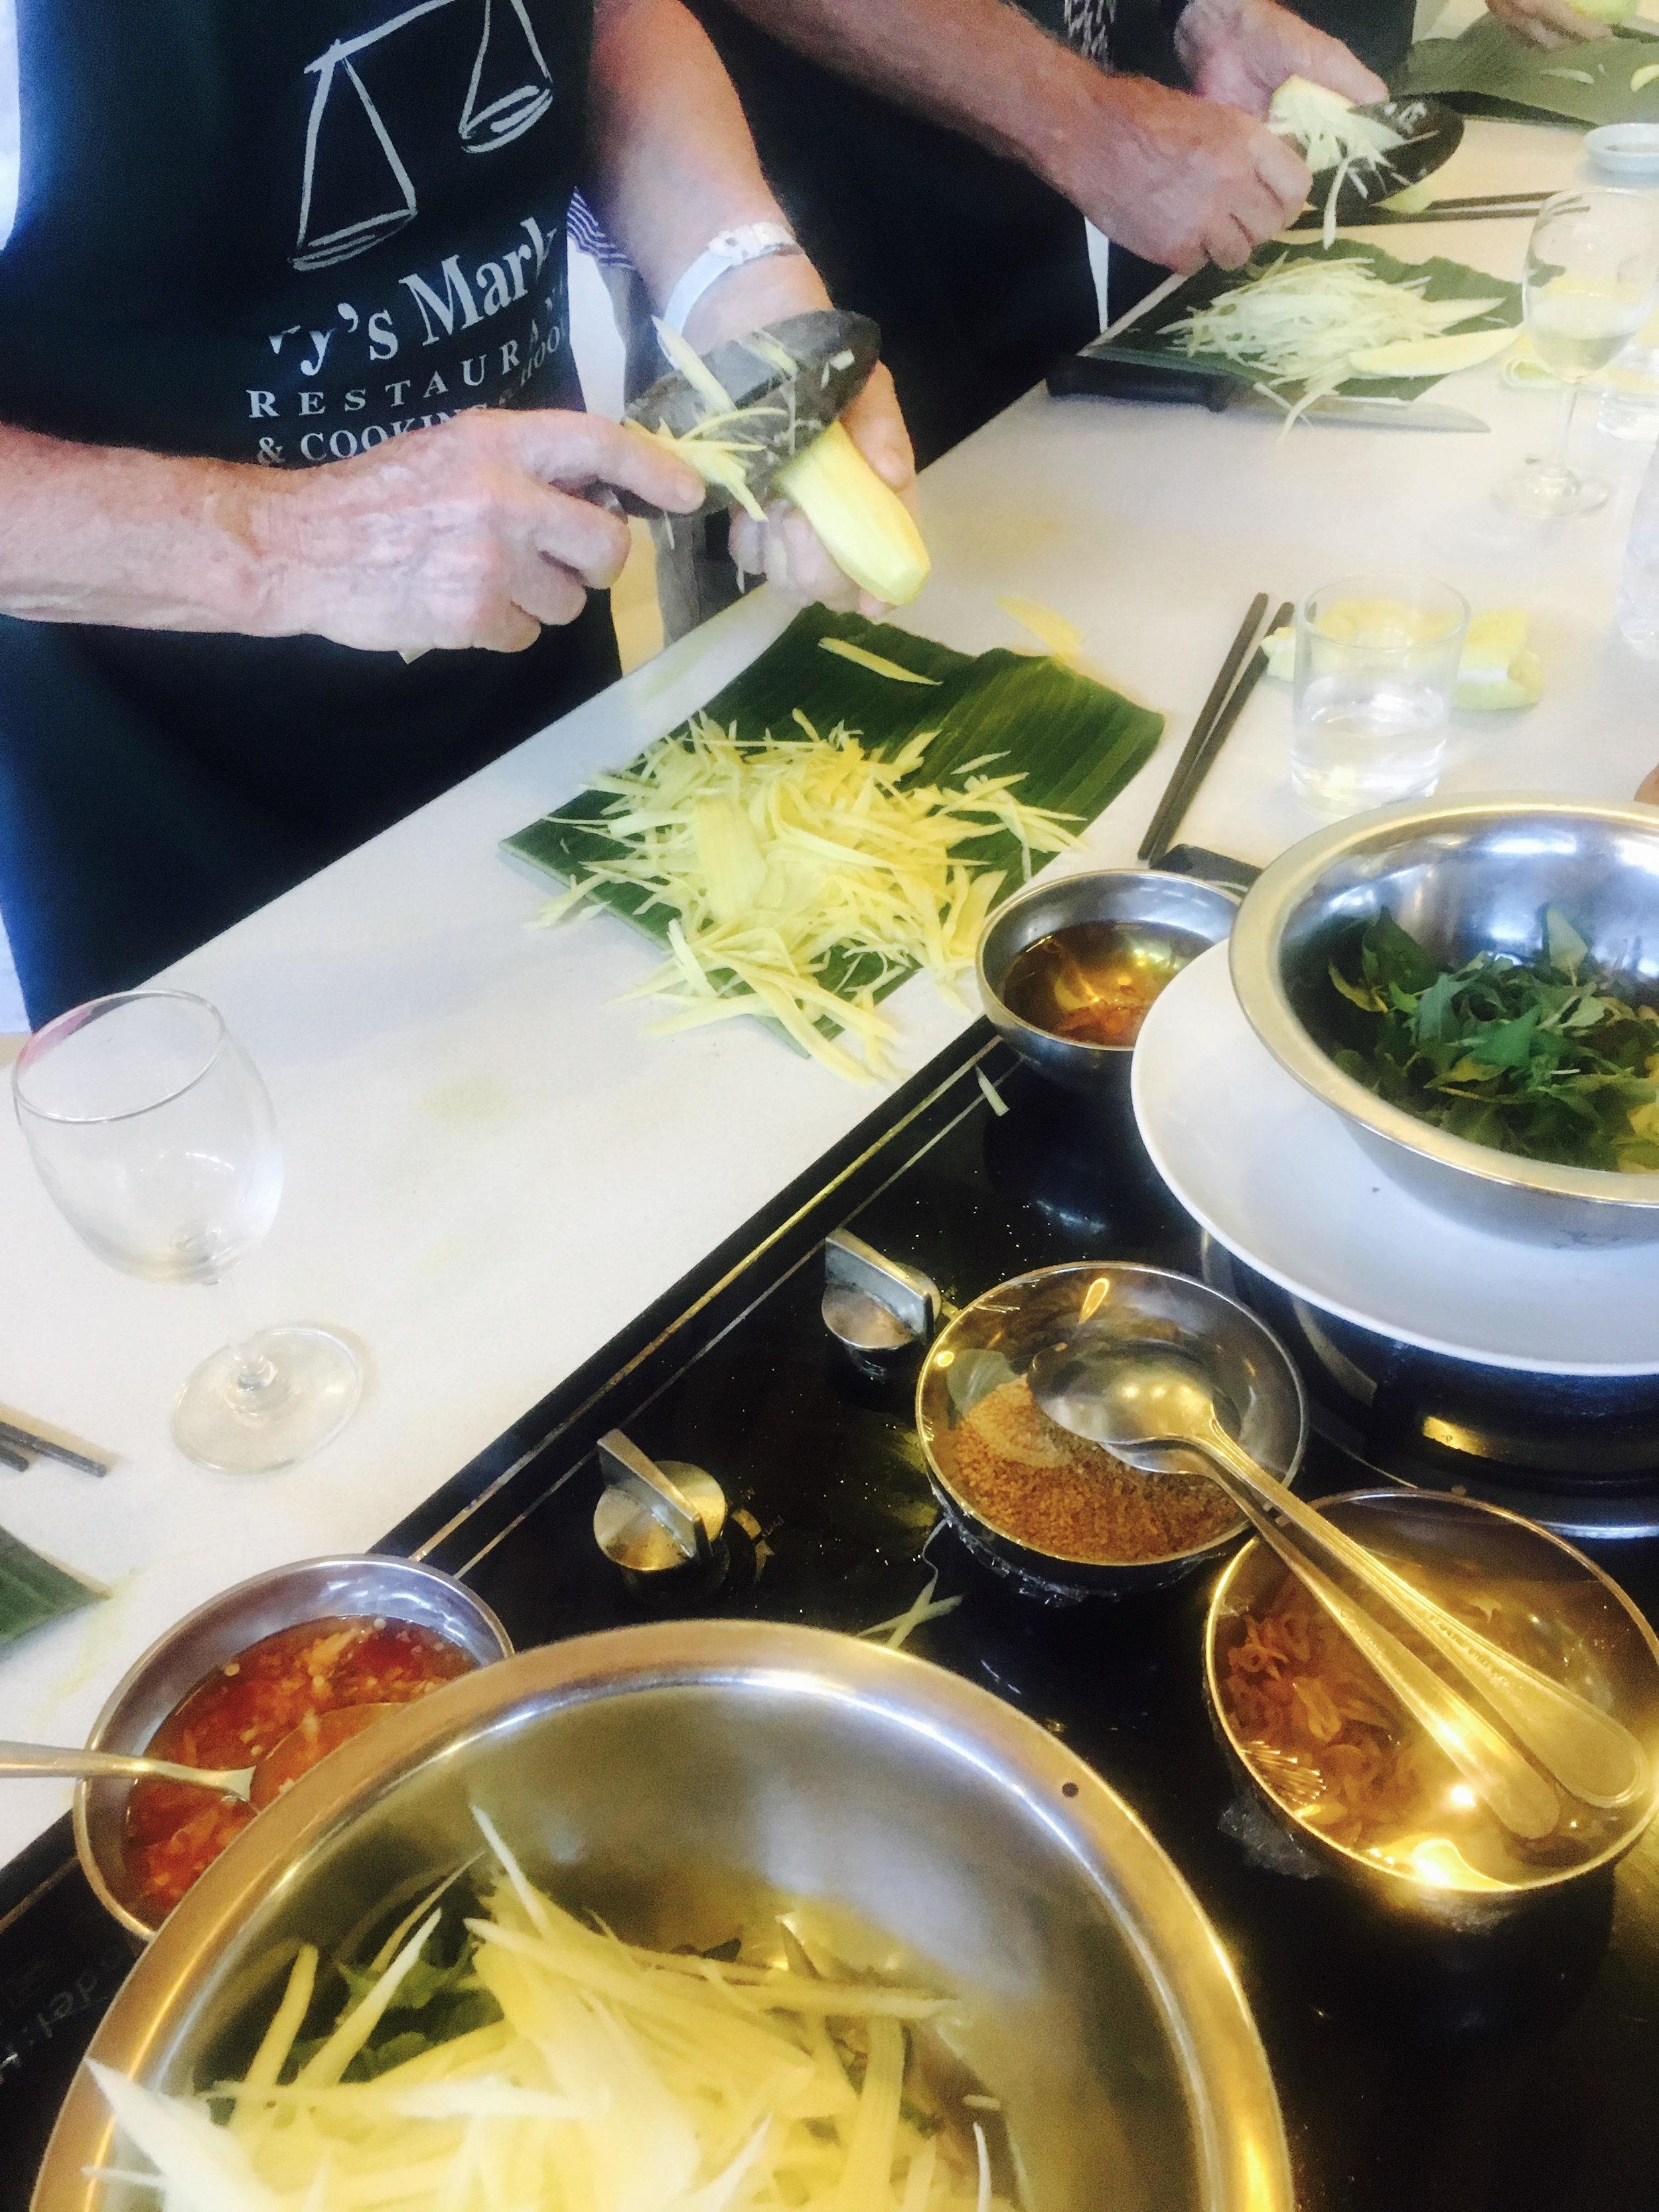 Making green papaya salad at Ms. Vy's Market Restaurant